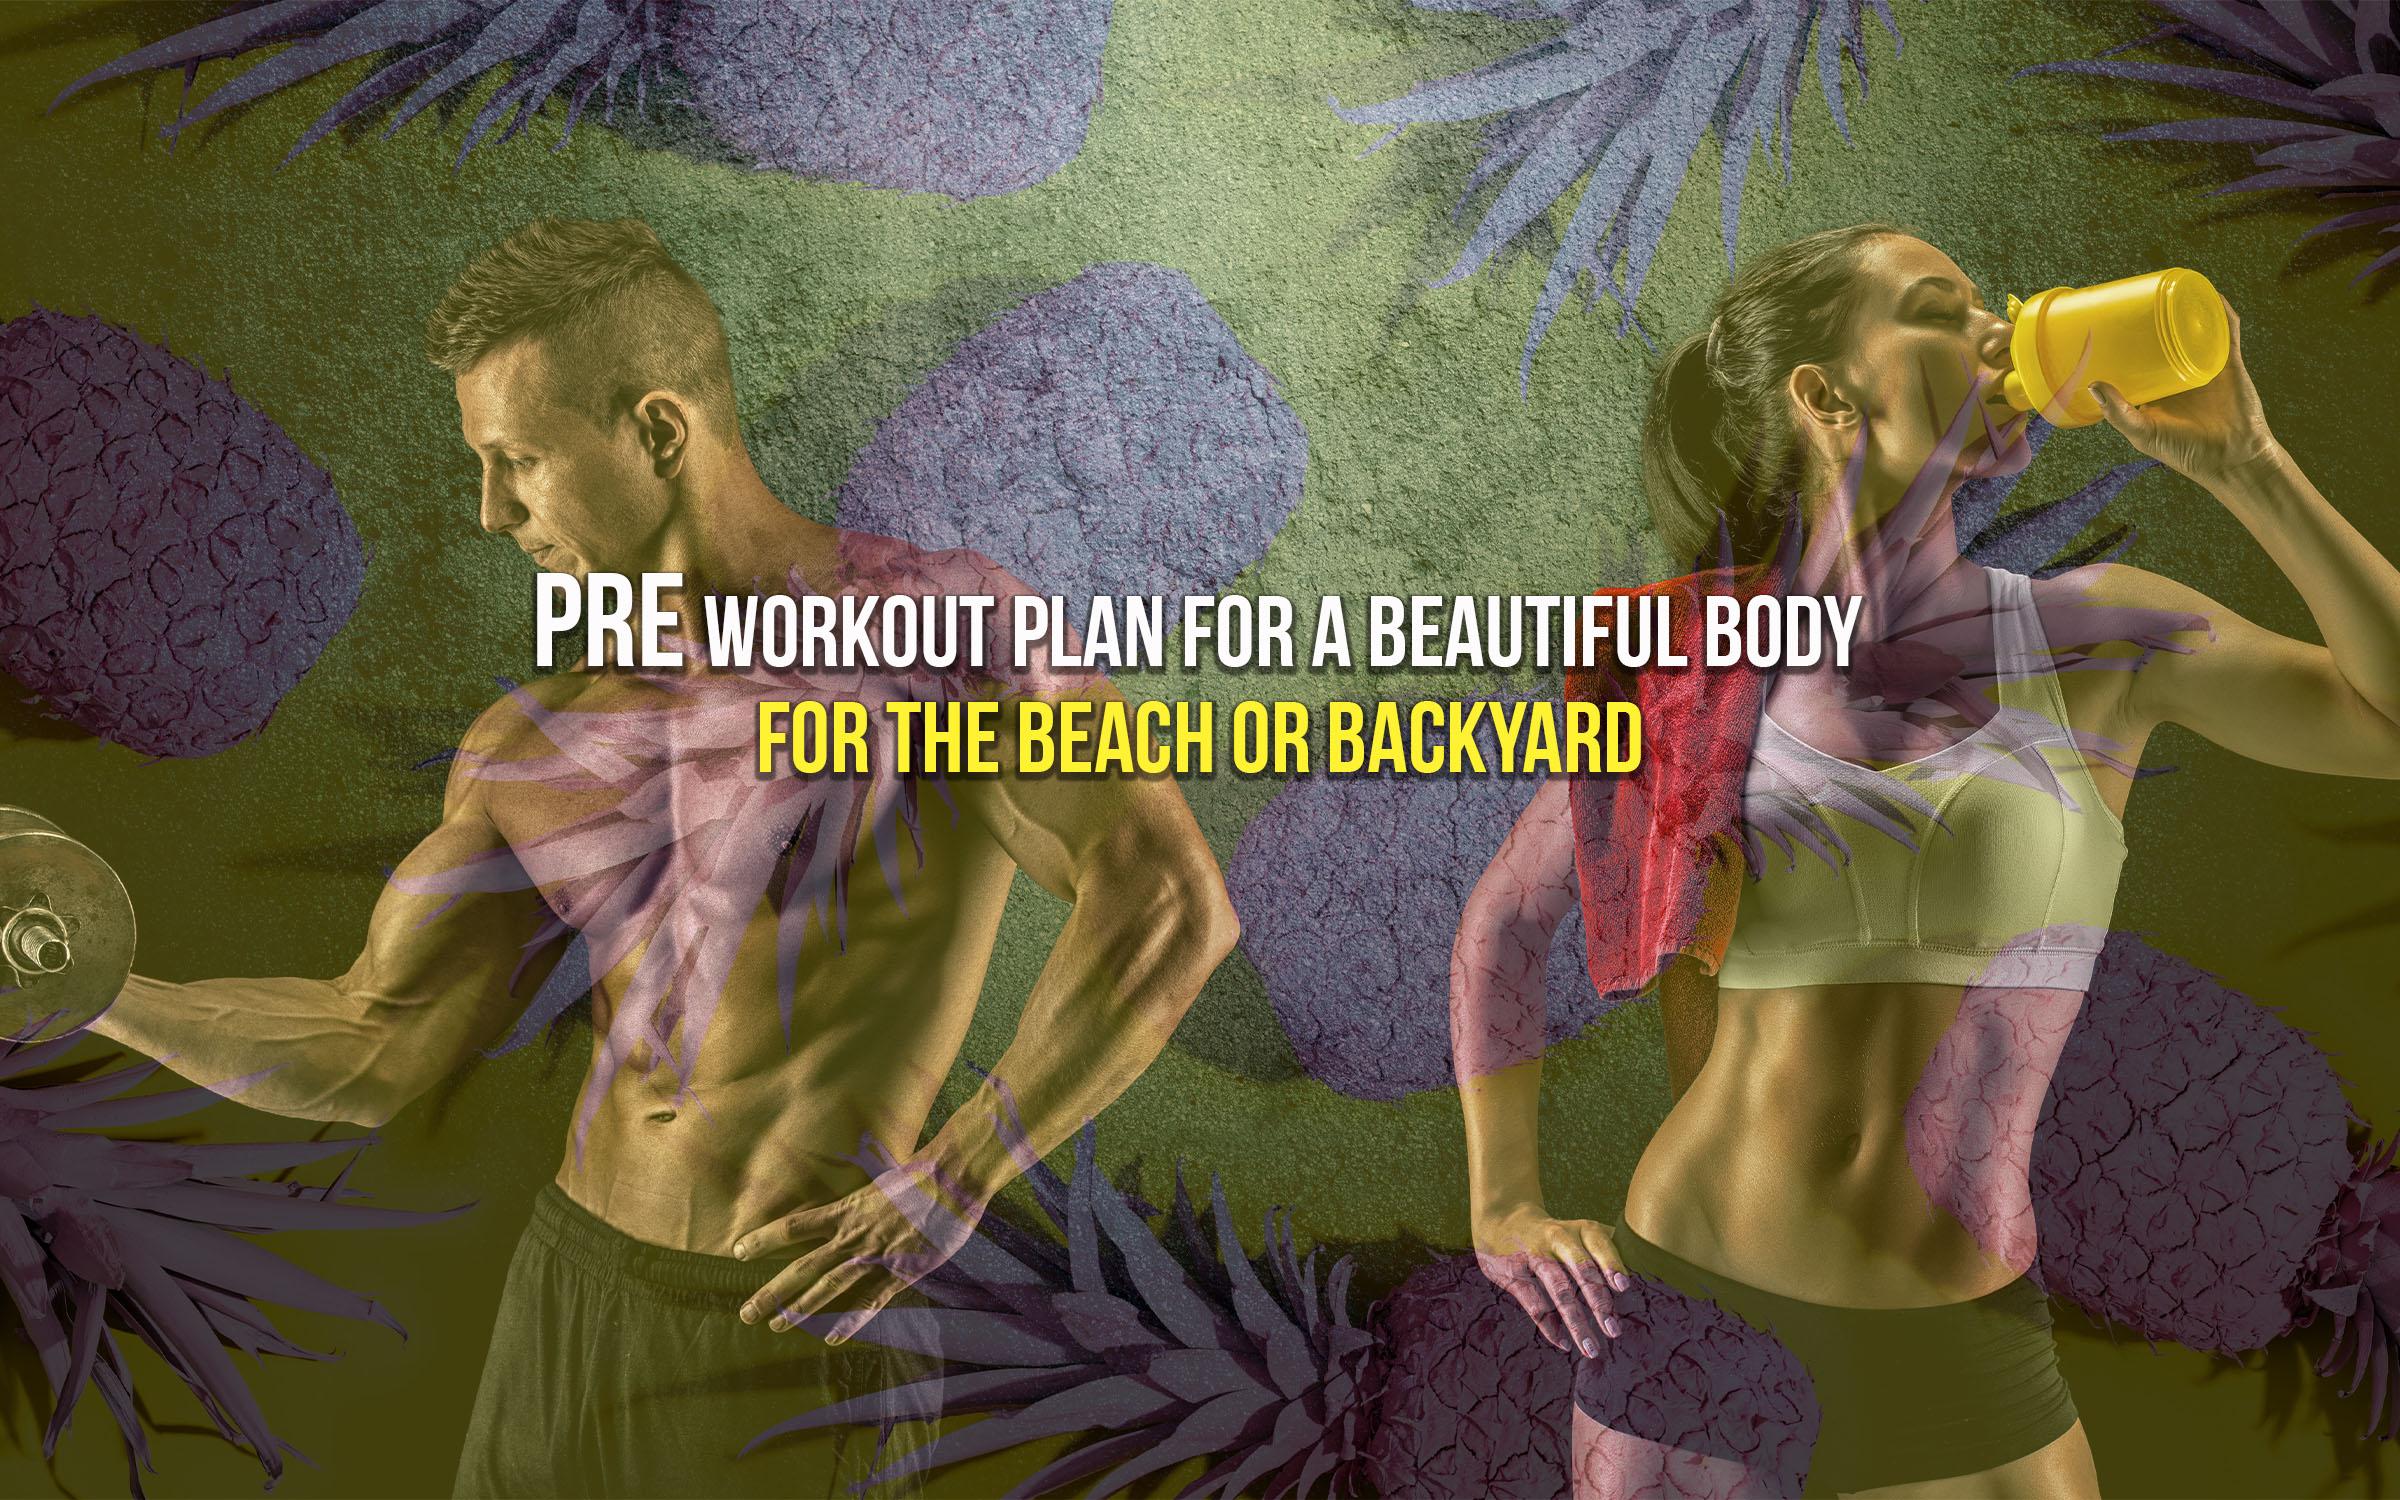 Pre workout promo 2.jpg